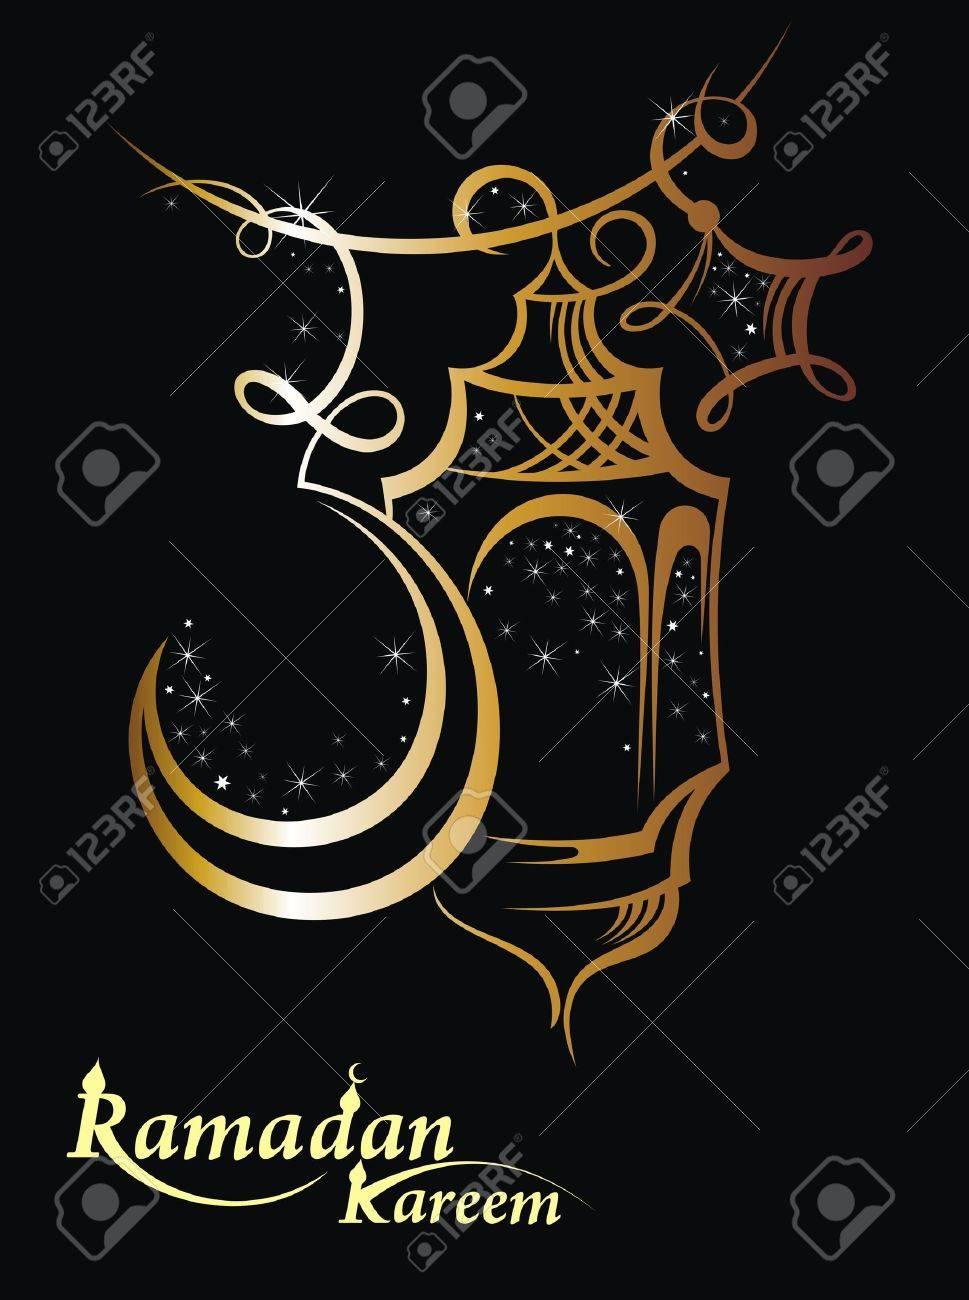 Ramadan Kareem Greeting Card With Beautiful Arabic Lamp Royalty Fri